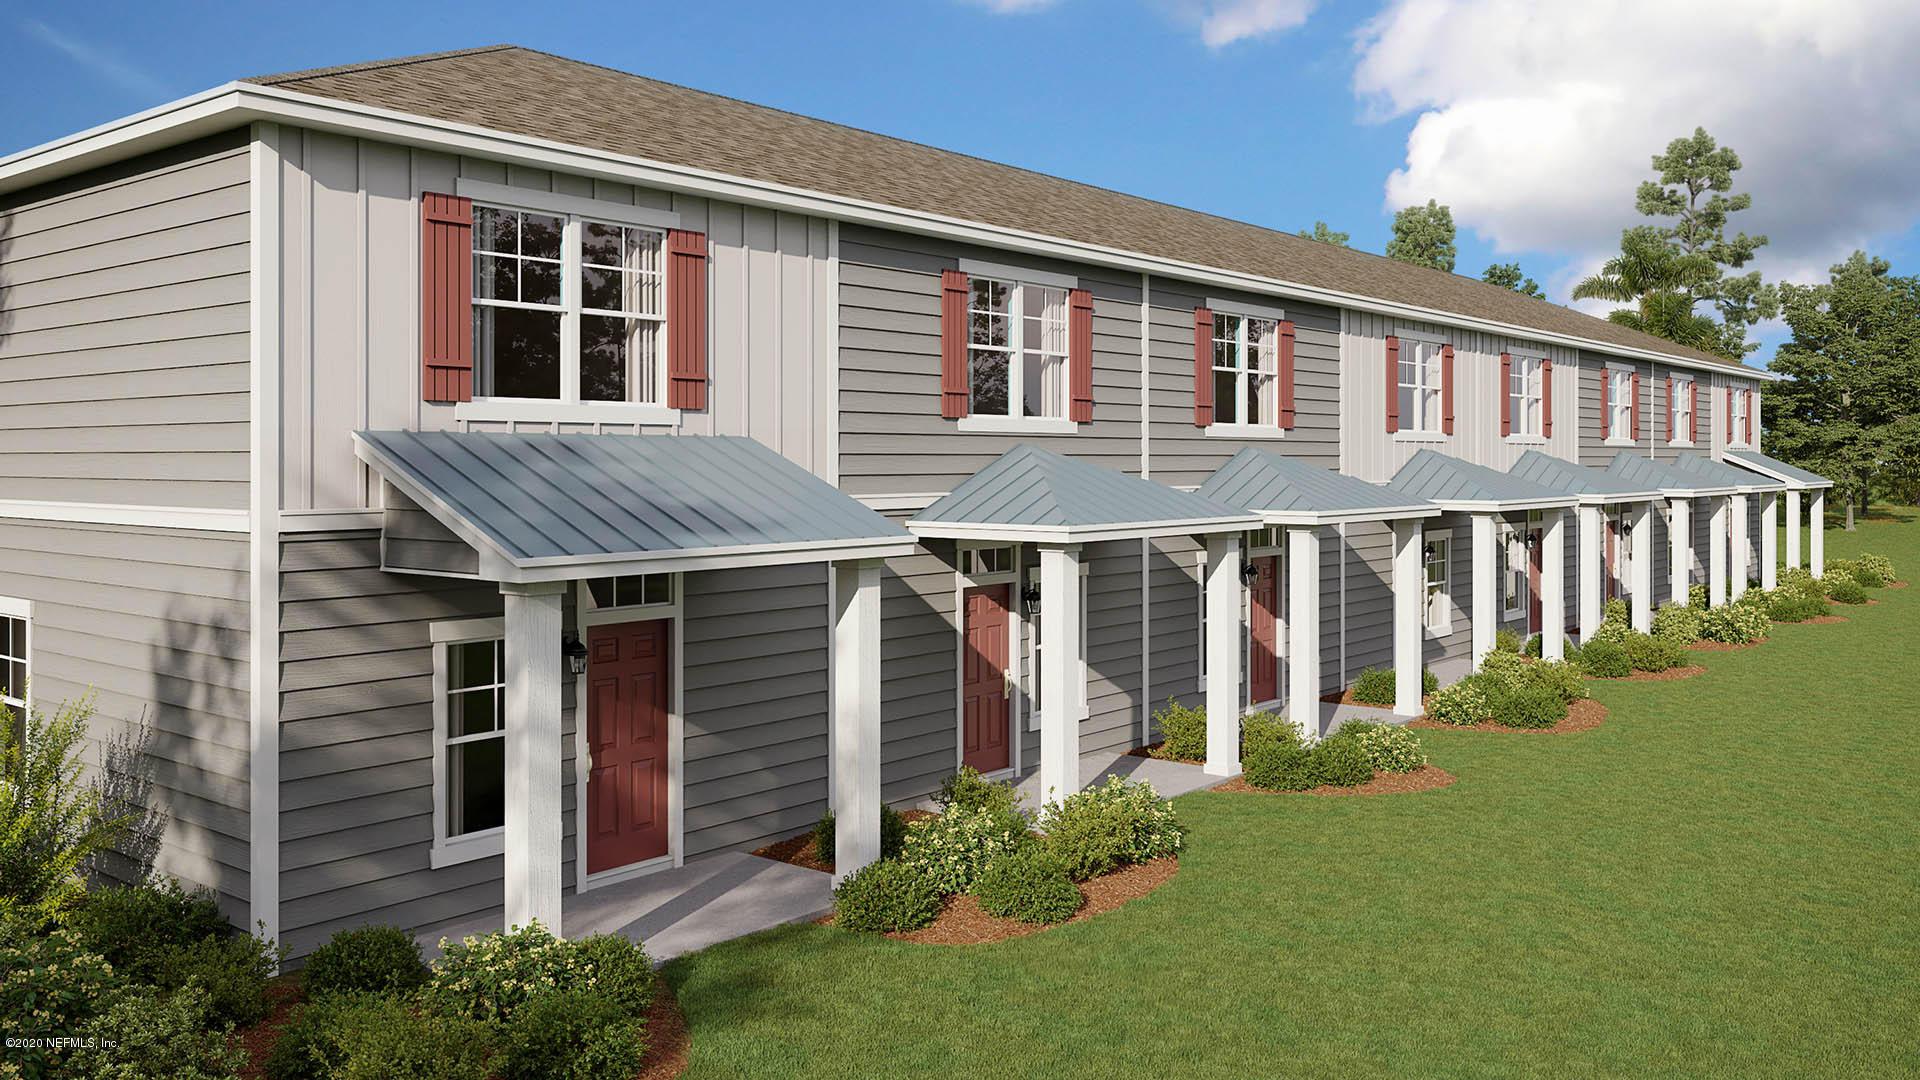 86440 MAINLINE, YULEE, FLORIDA 32097, 2 Bedrooms Bedrooms, ,2 BathroomsBathrooms,Residential,For sale,MAINLINE,1082164